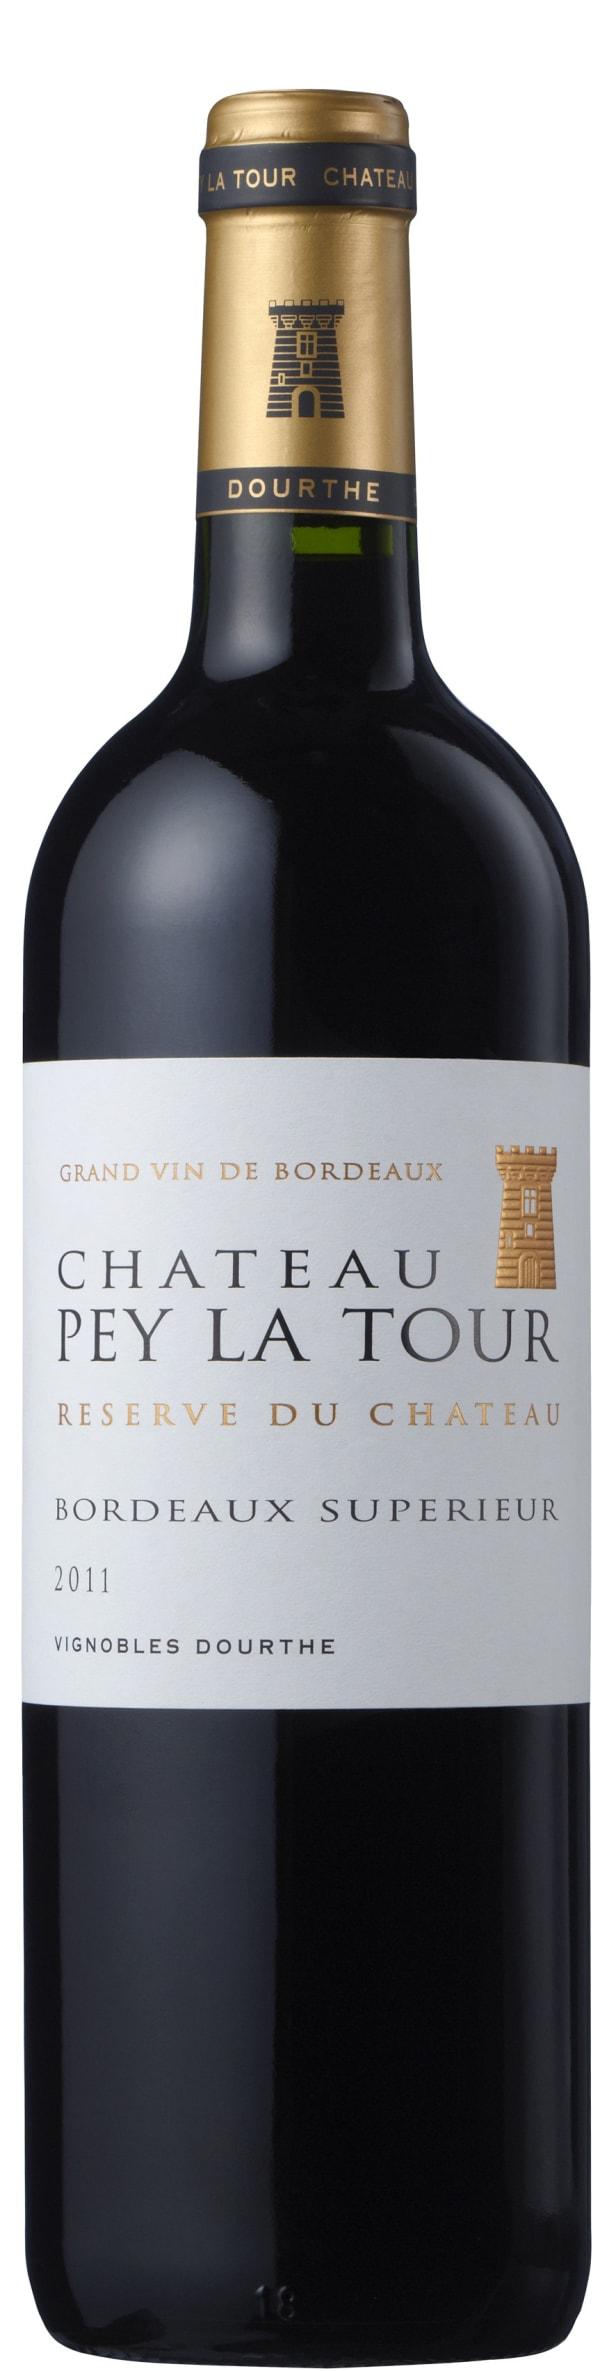 Château Pey La Tour Réserve du Château 2011